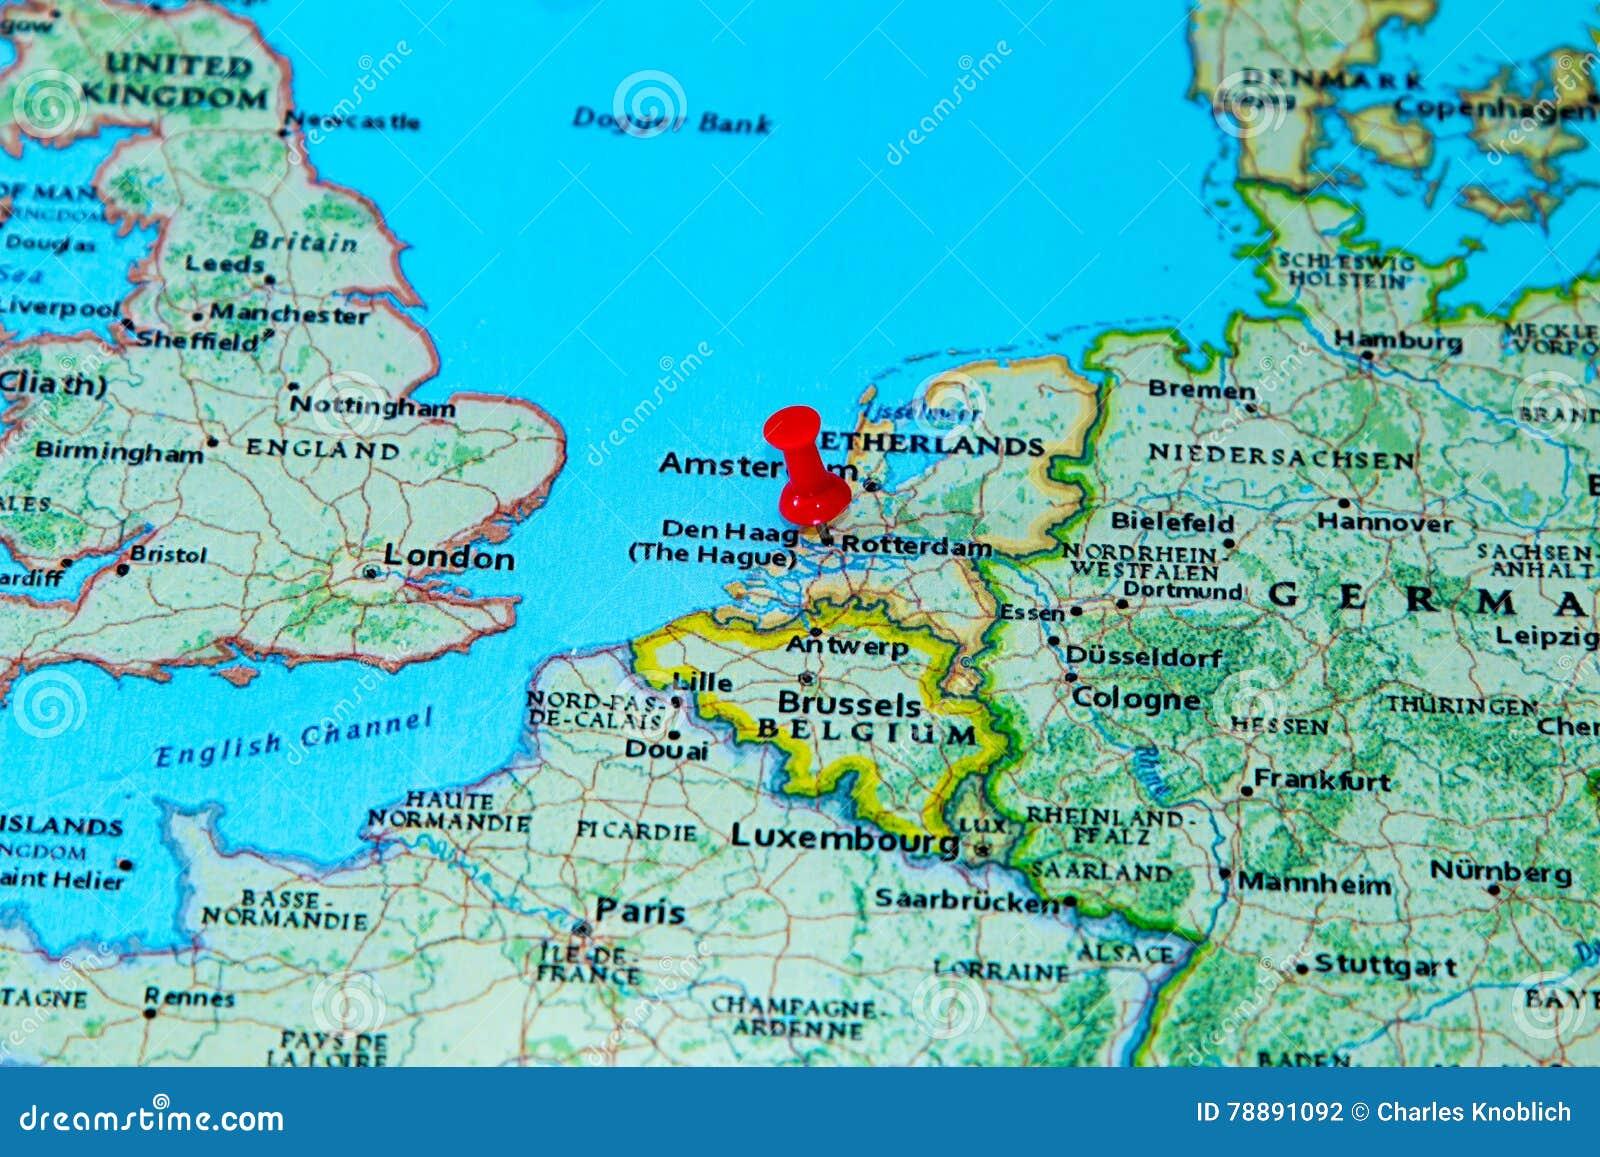 Carte Europe Pays Bas.Rotterdam Pays Bas A Goupille Sur Une Carte De L Europe Photo Stock